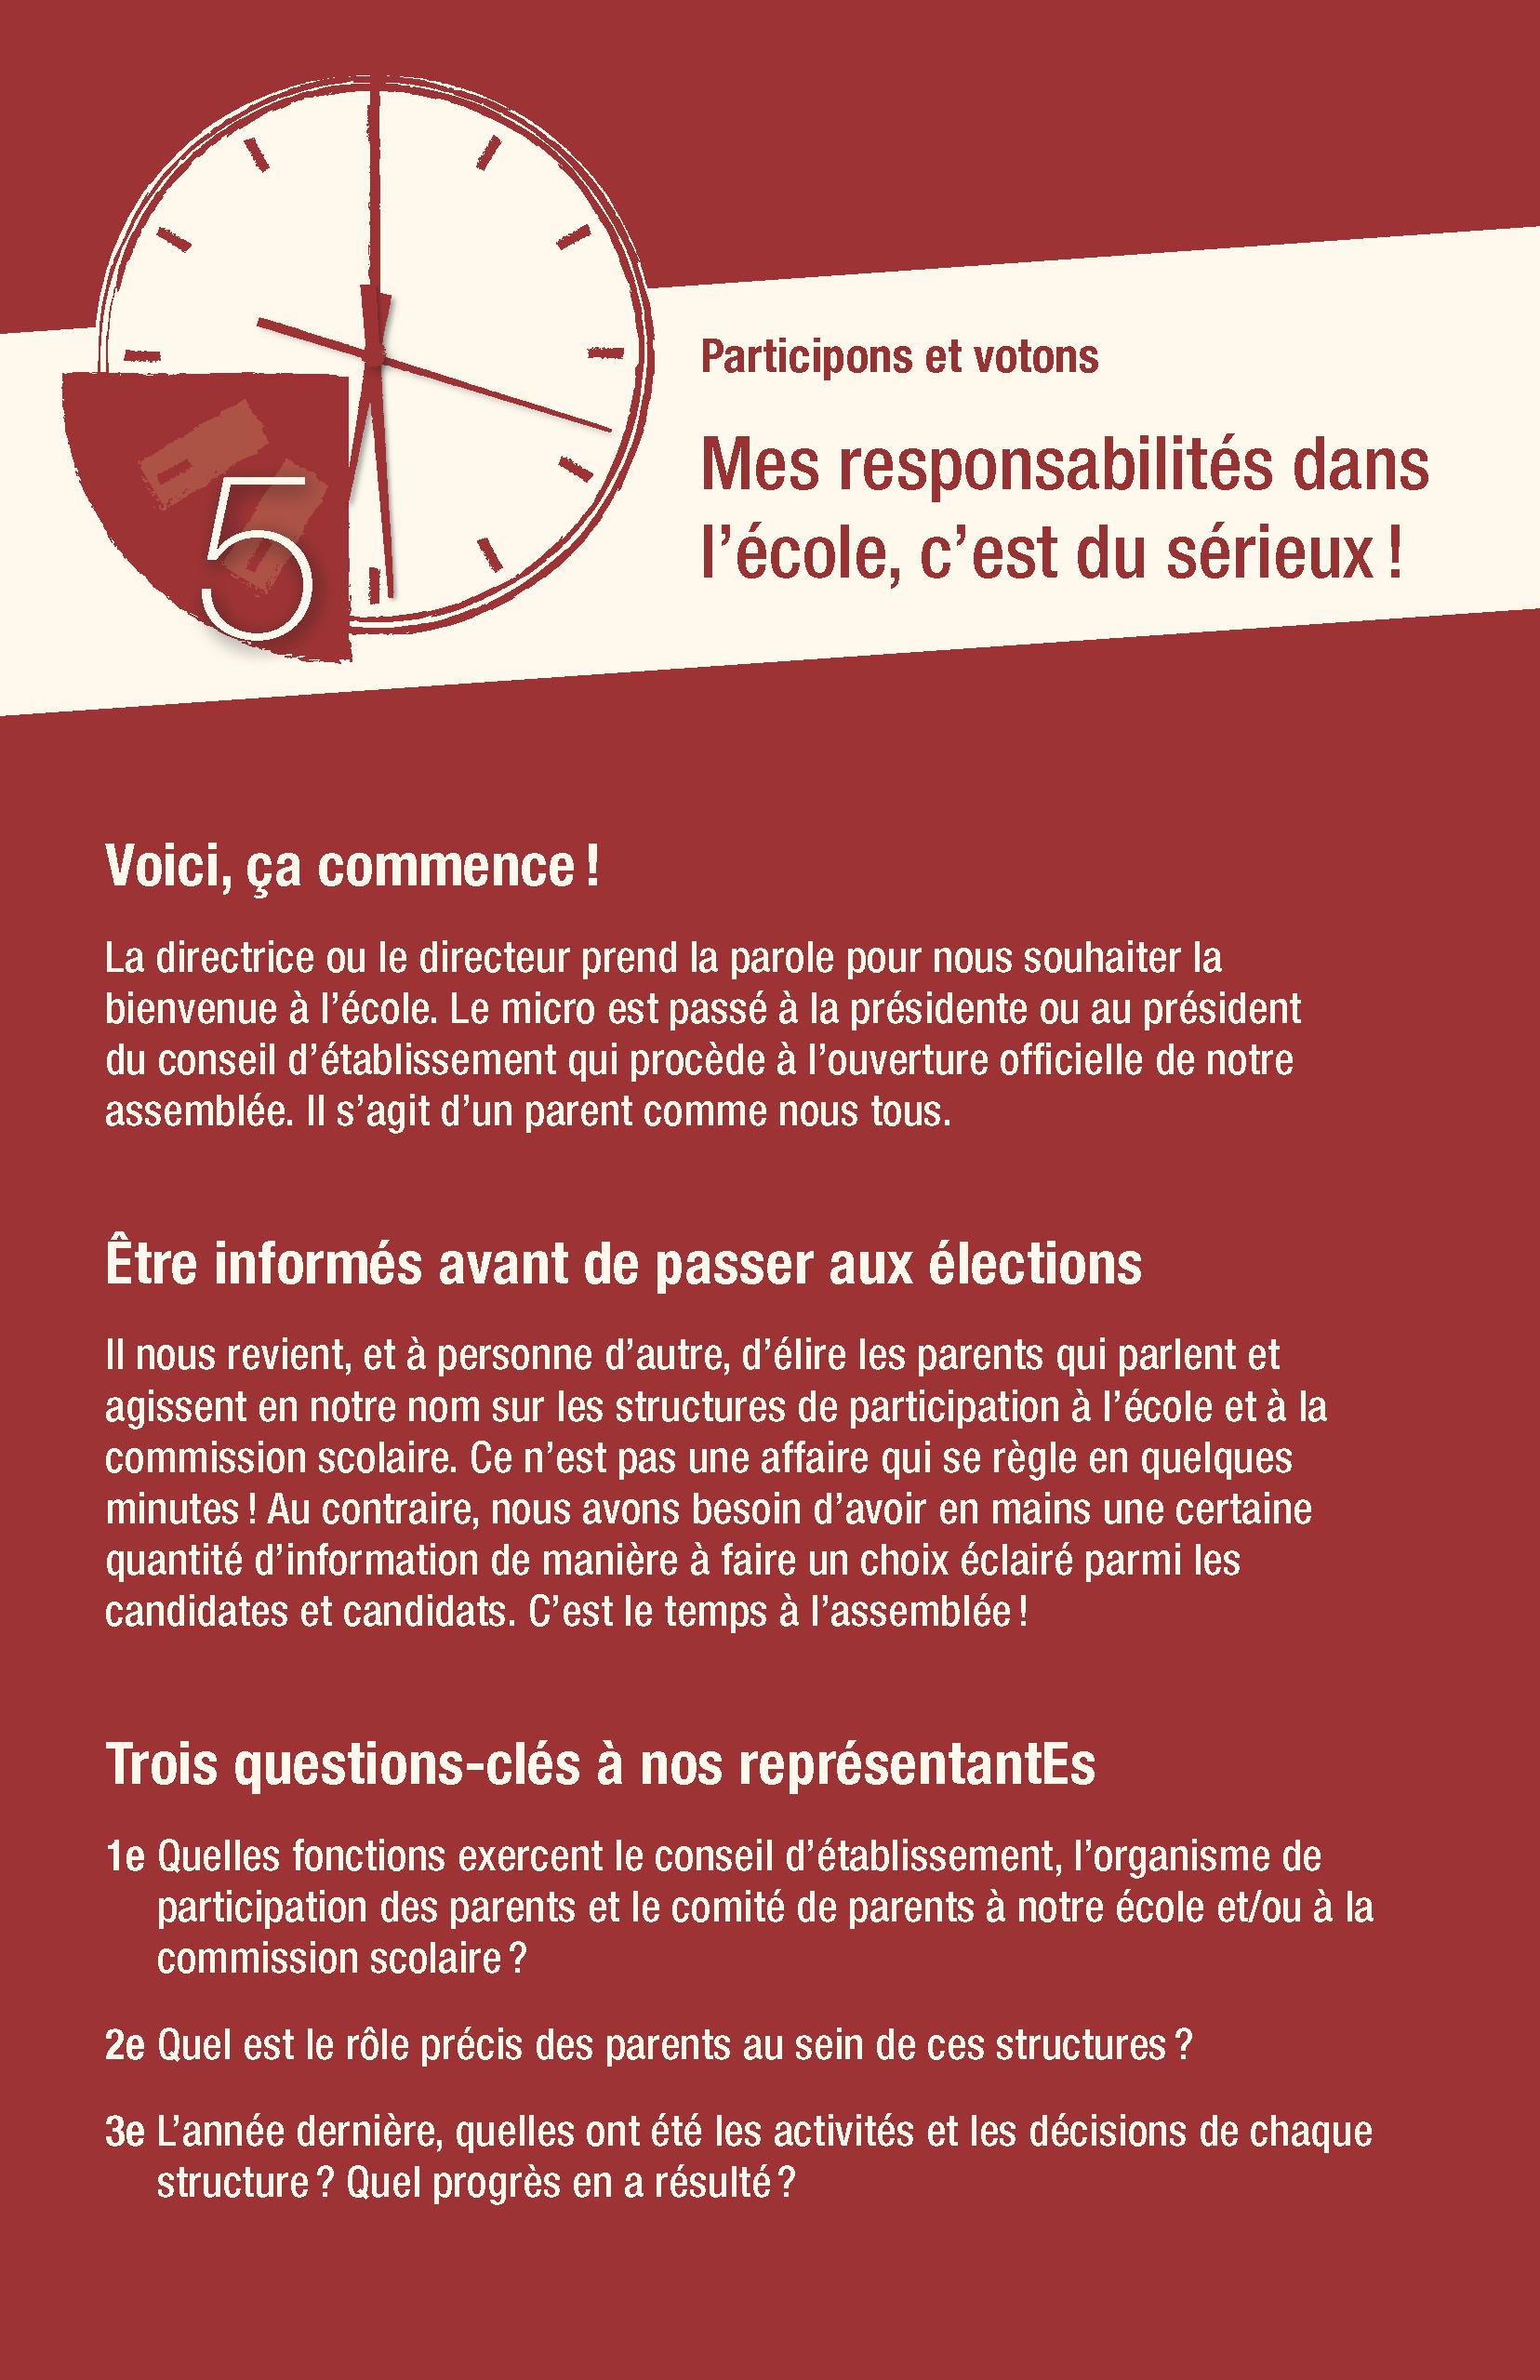 5<sup>e</sup> conseil : Mes responsabilités dans l'école, c'est du sérieux !